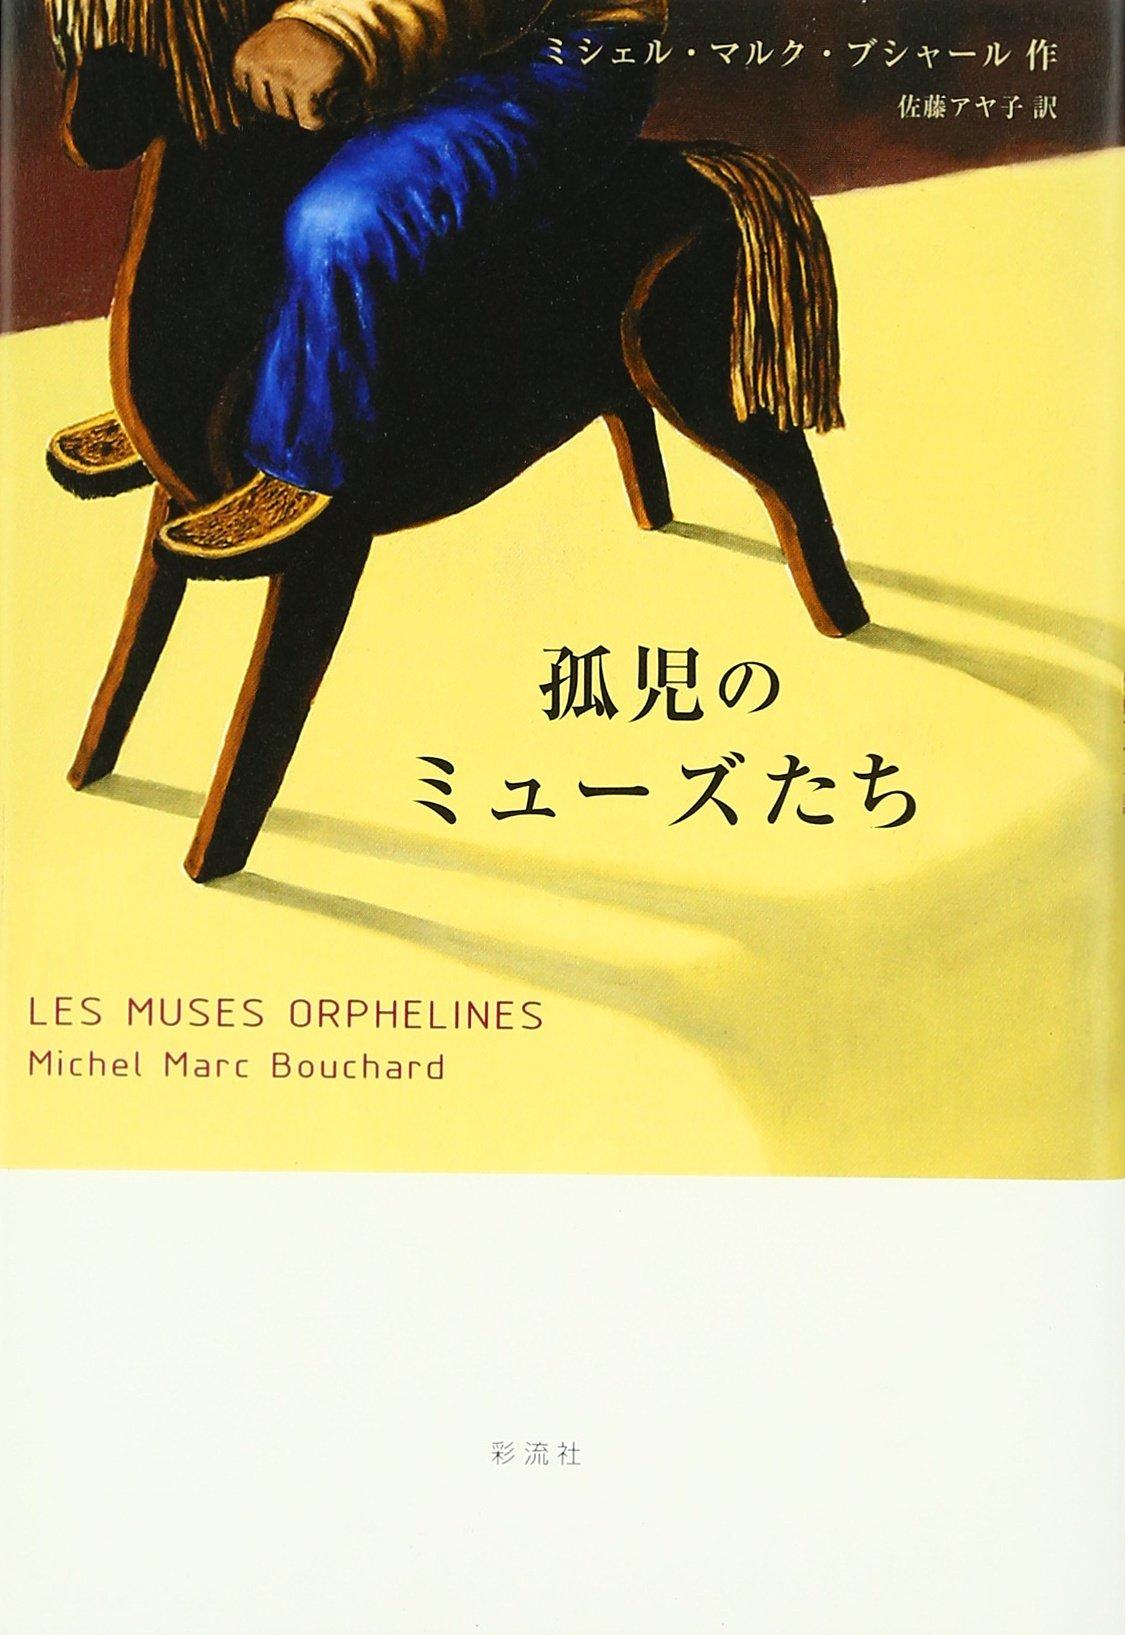 LES MUSES ORPHELINES FILM TÉLÉCHARGER